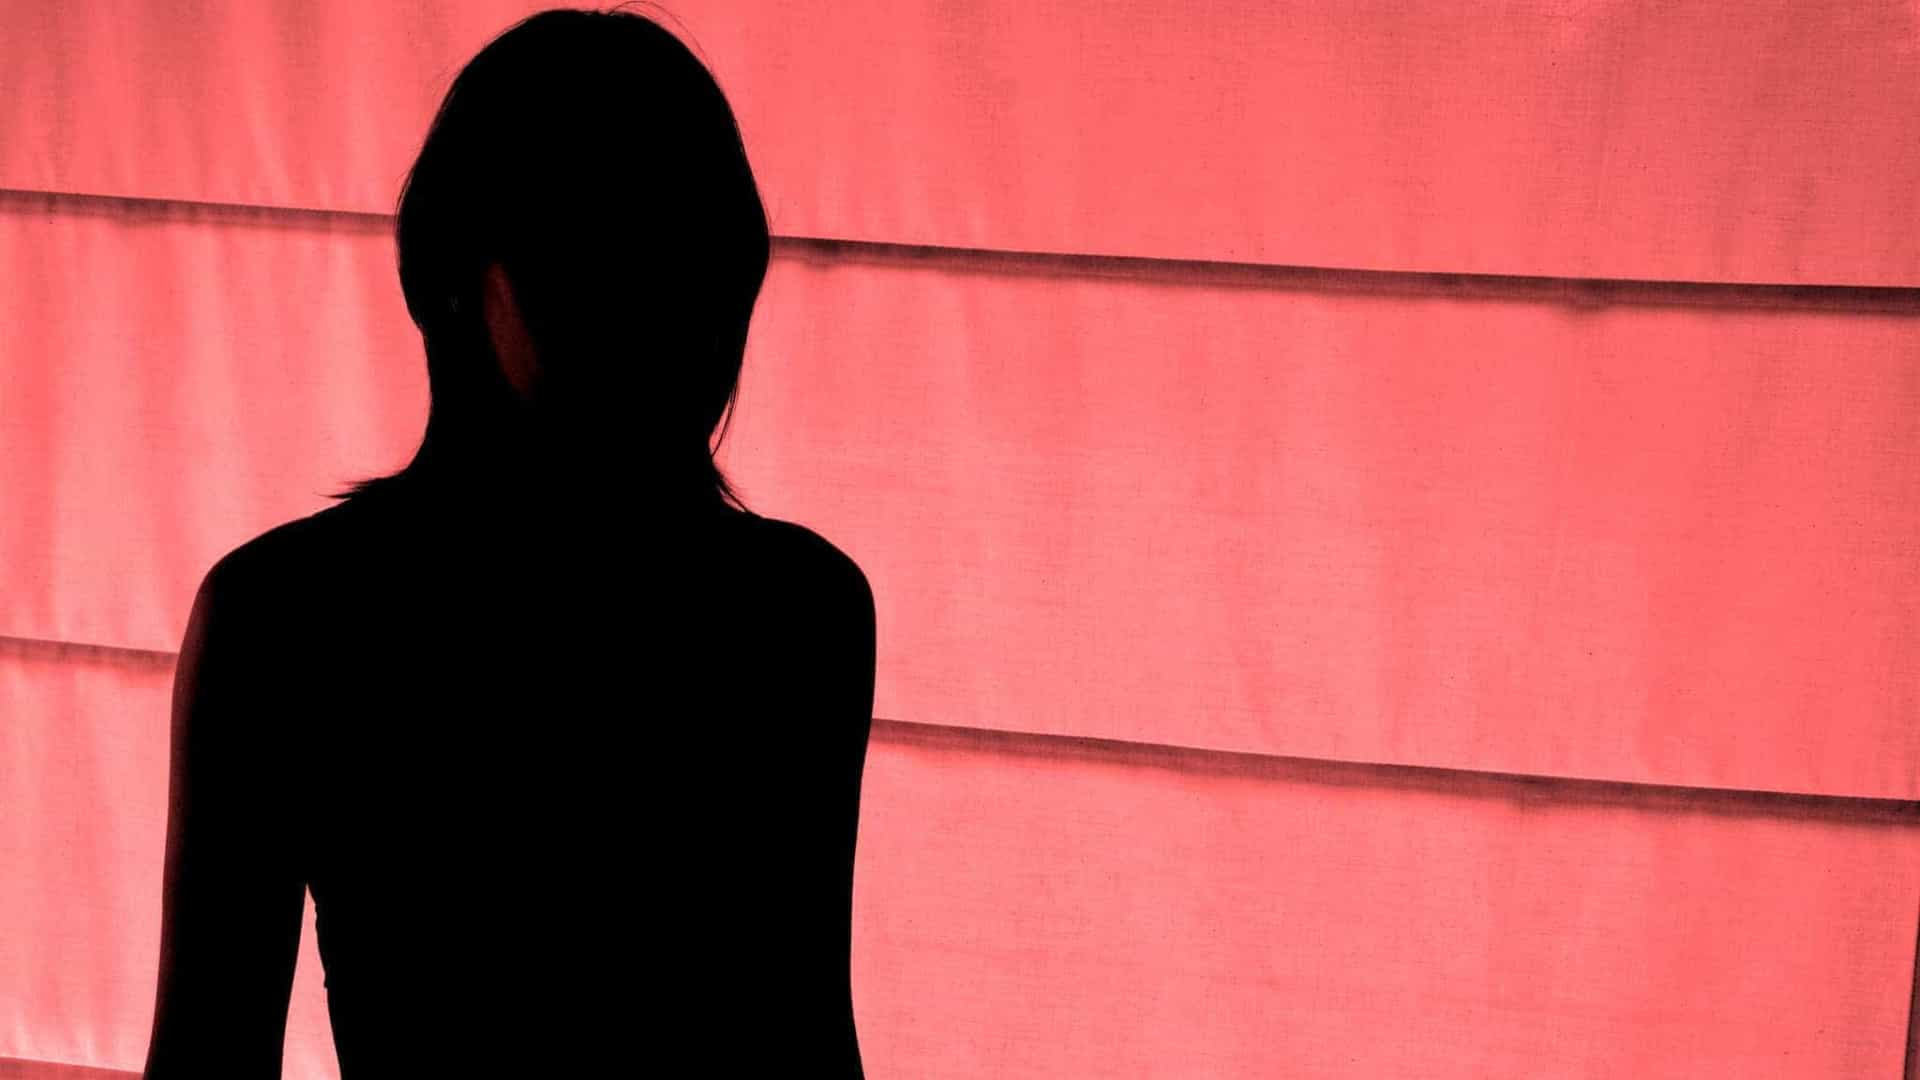 """""""Uma pessoa de 11 anos não é uma criança"""", diz defesa em caso de violação"""